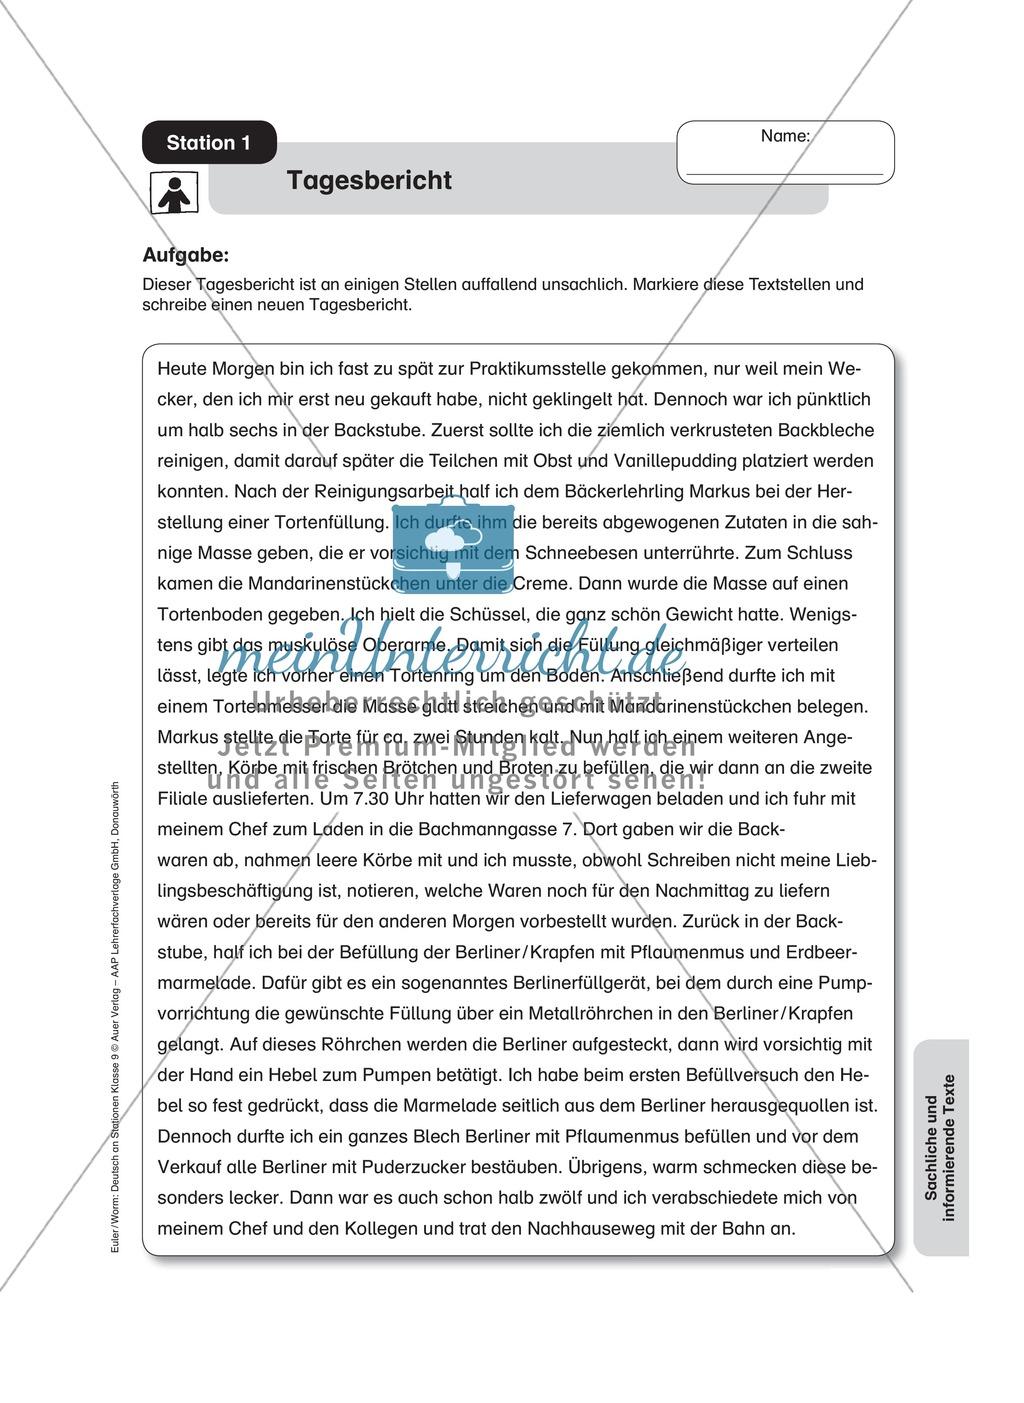 Sachtexte schreiben: einen Tagesbericht korrigieren und verfassen Preview 0